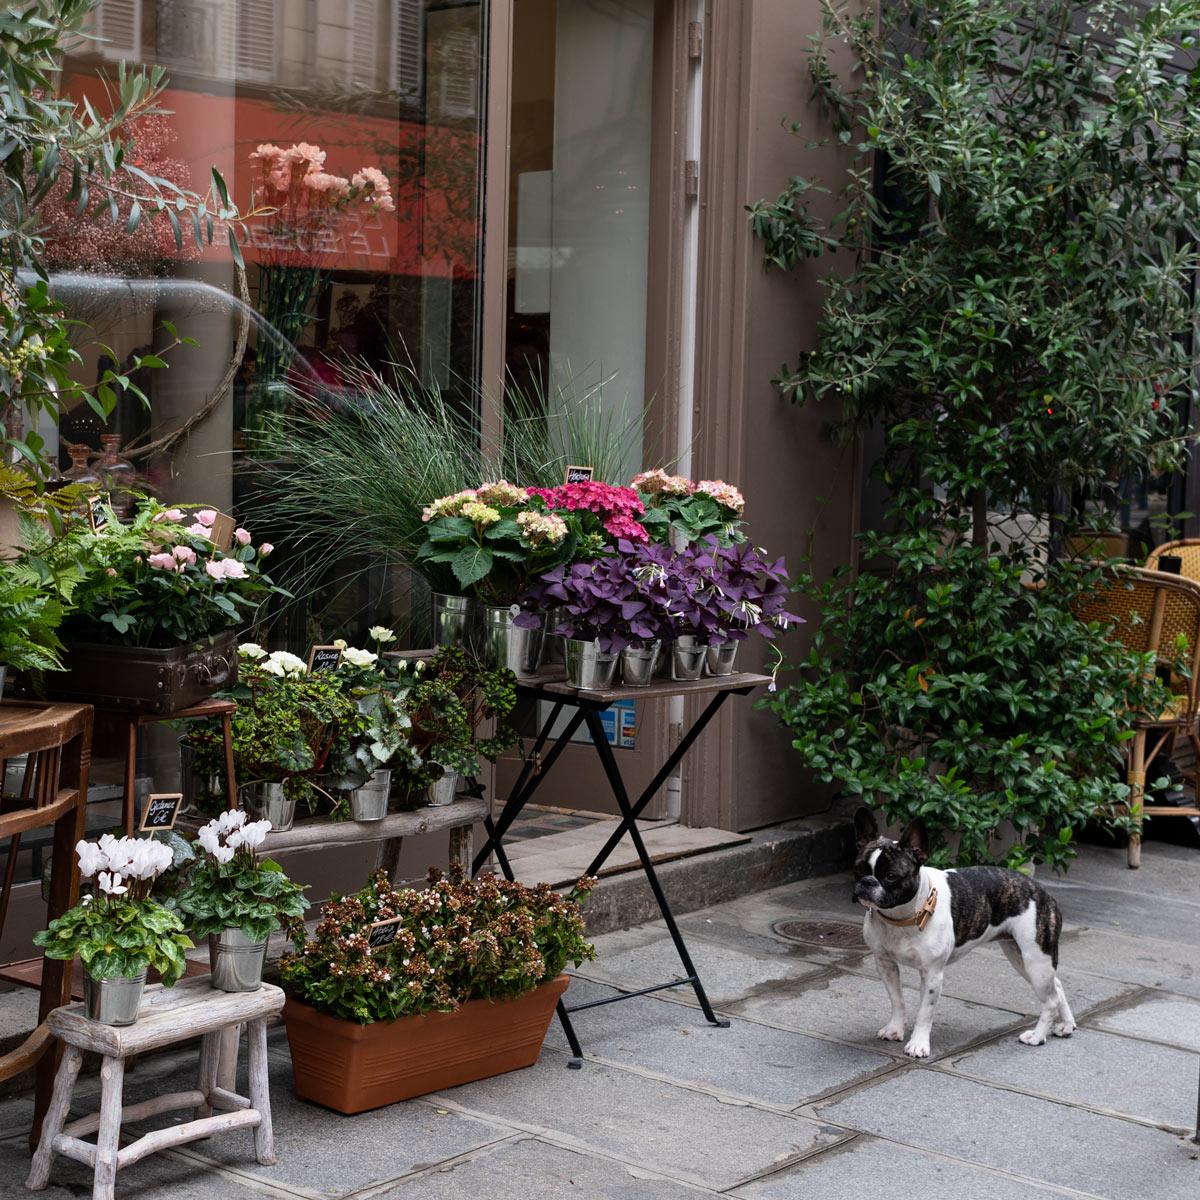 French Bulldog, Paris France